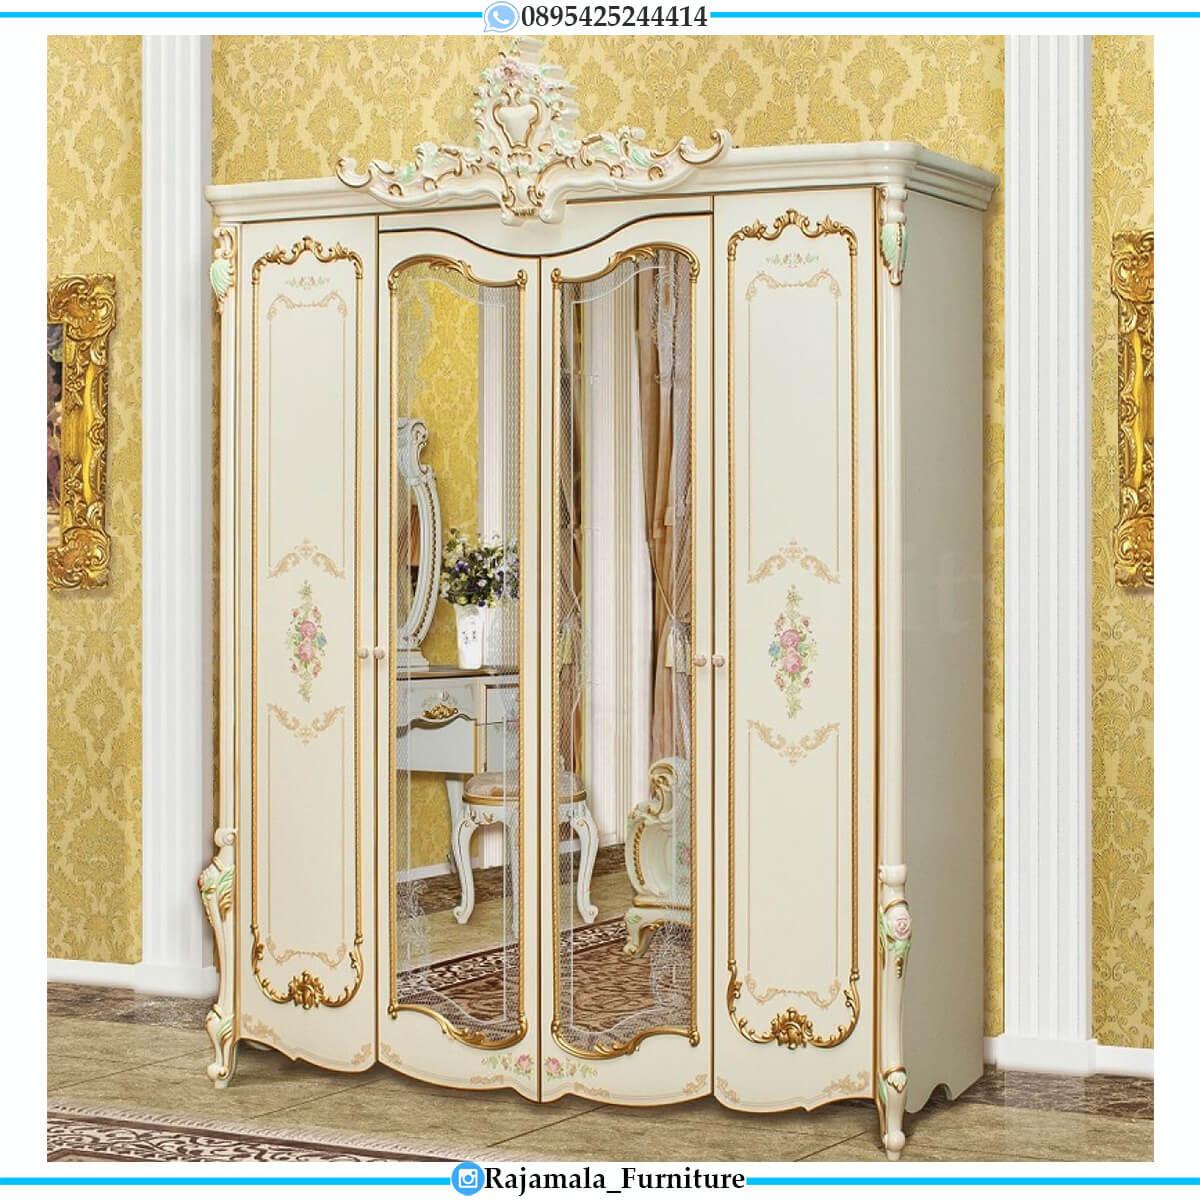 Great Lemari Baju Kaca Mewah Luxury Carving Classic Furniture Jepara RM-0560